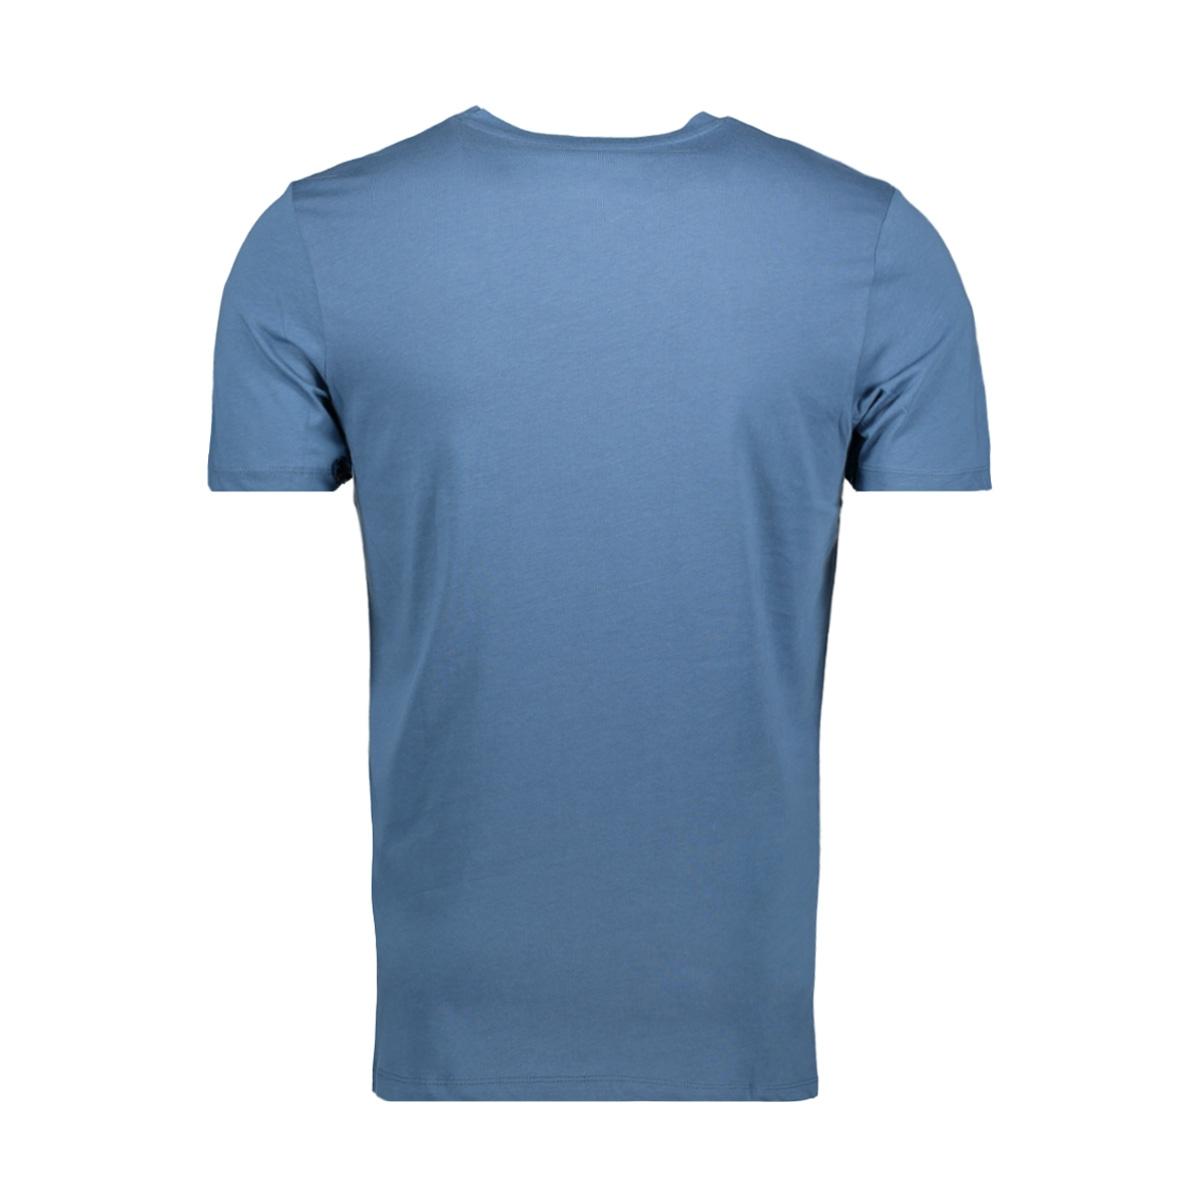 jcobooster tee ss crew neck 0010 12135945 jack & jones t-shirt stellar